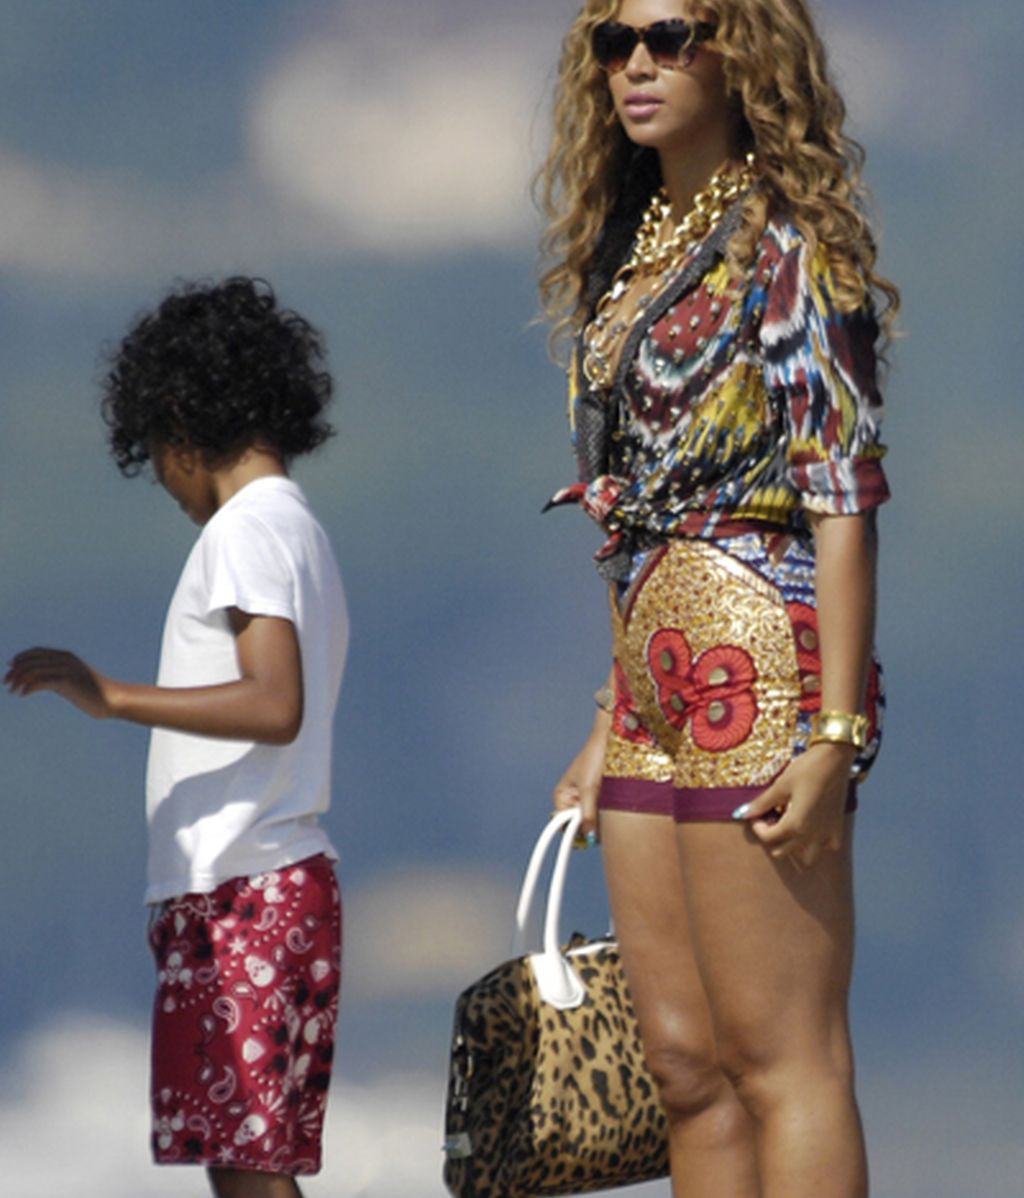 Las mala opción de Beyoncé